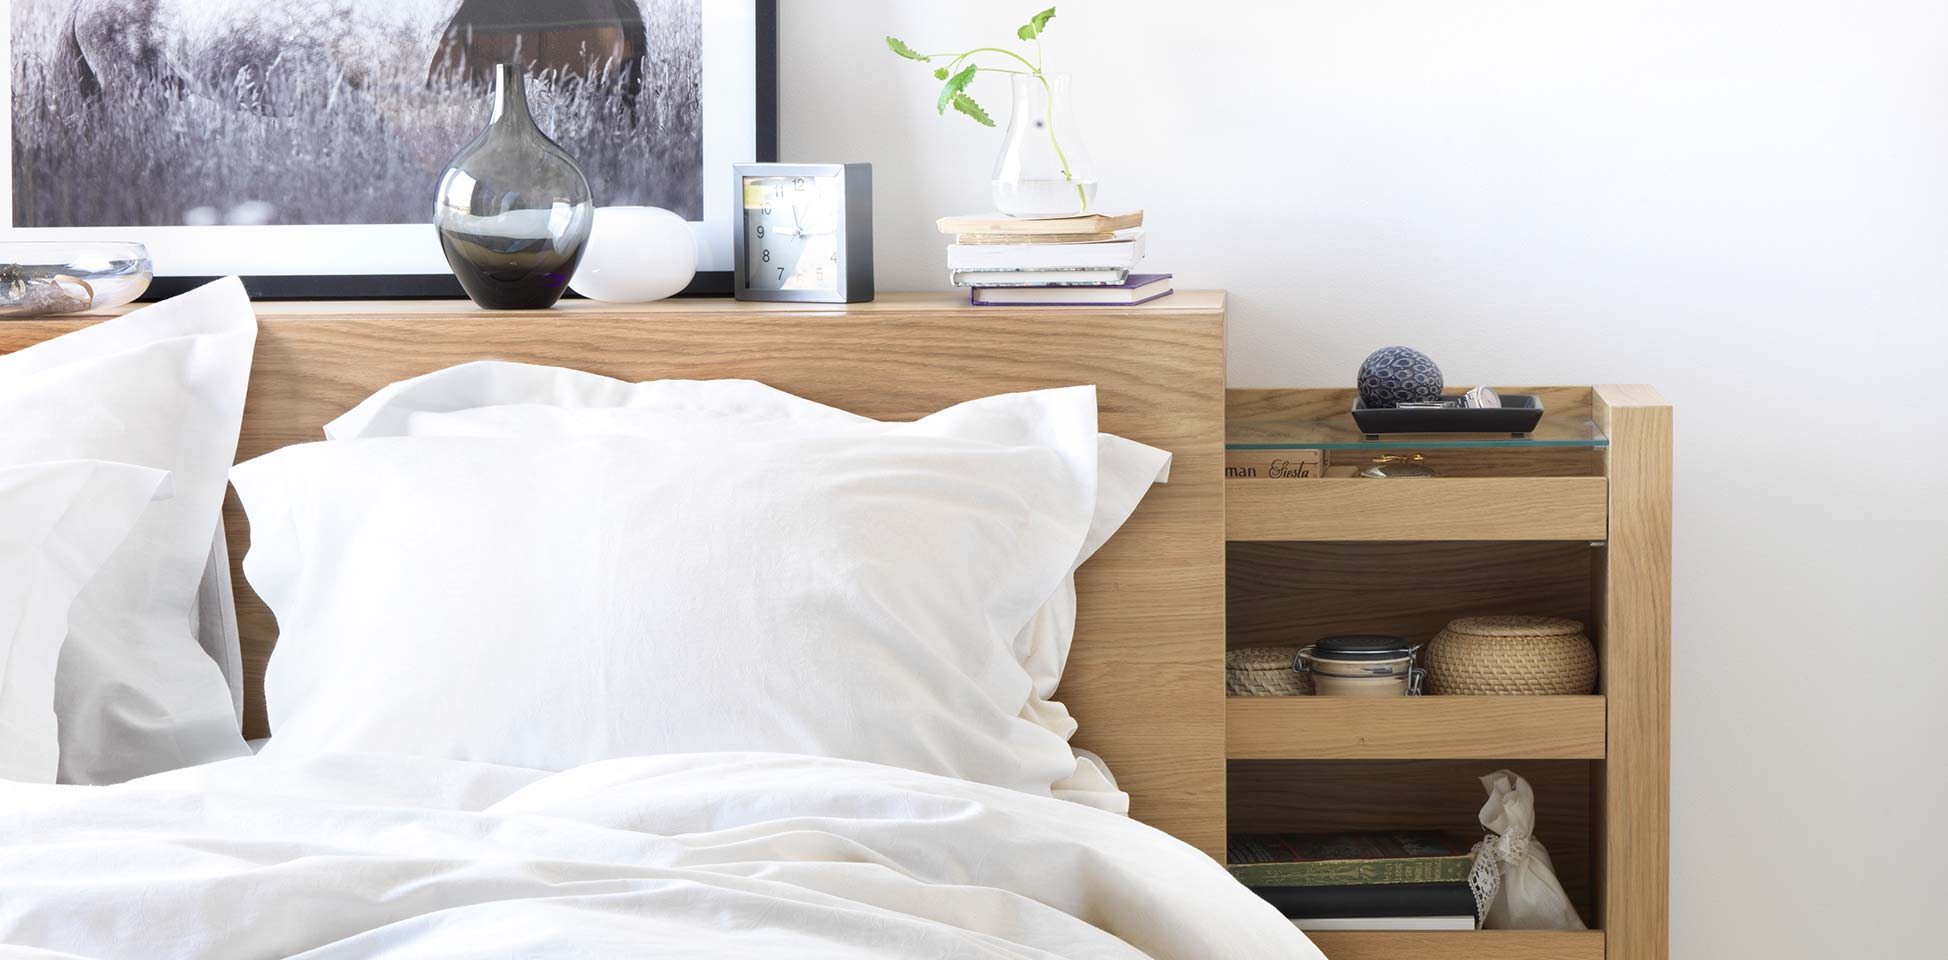 8 ideas de cabeceros de cama modernos y sencillos On cabecero con almacenaje